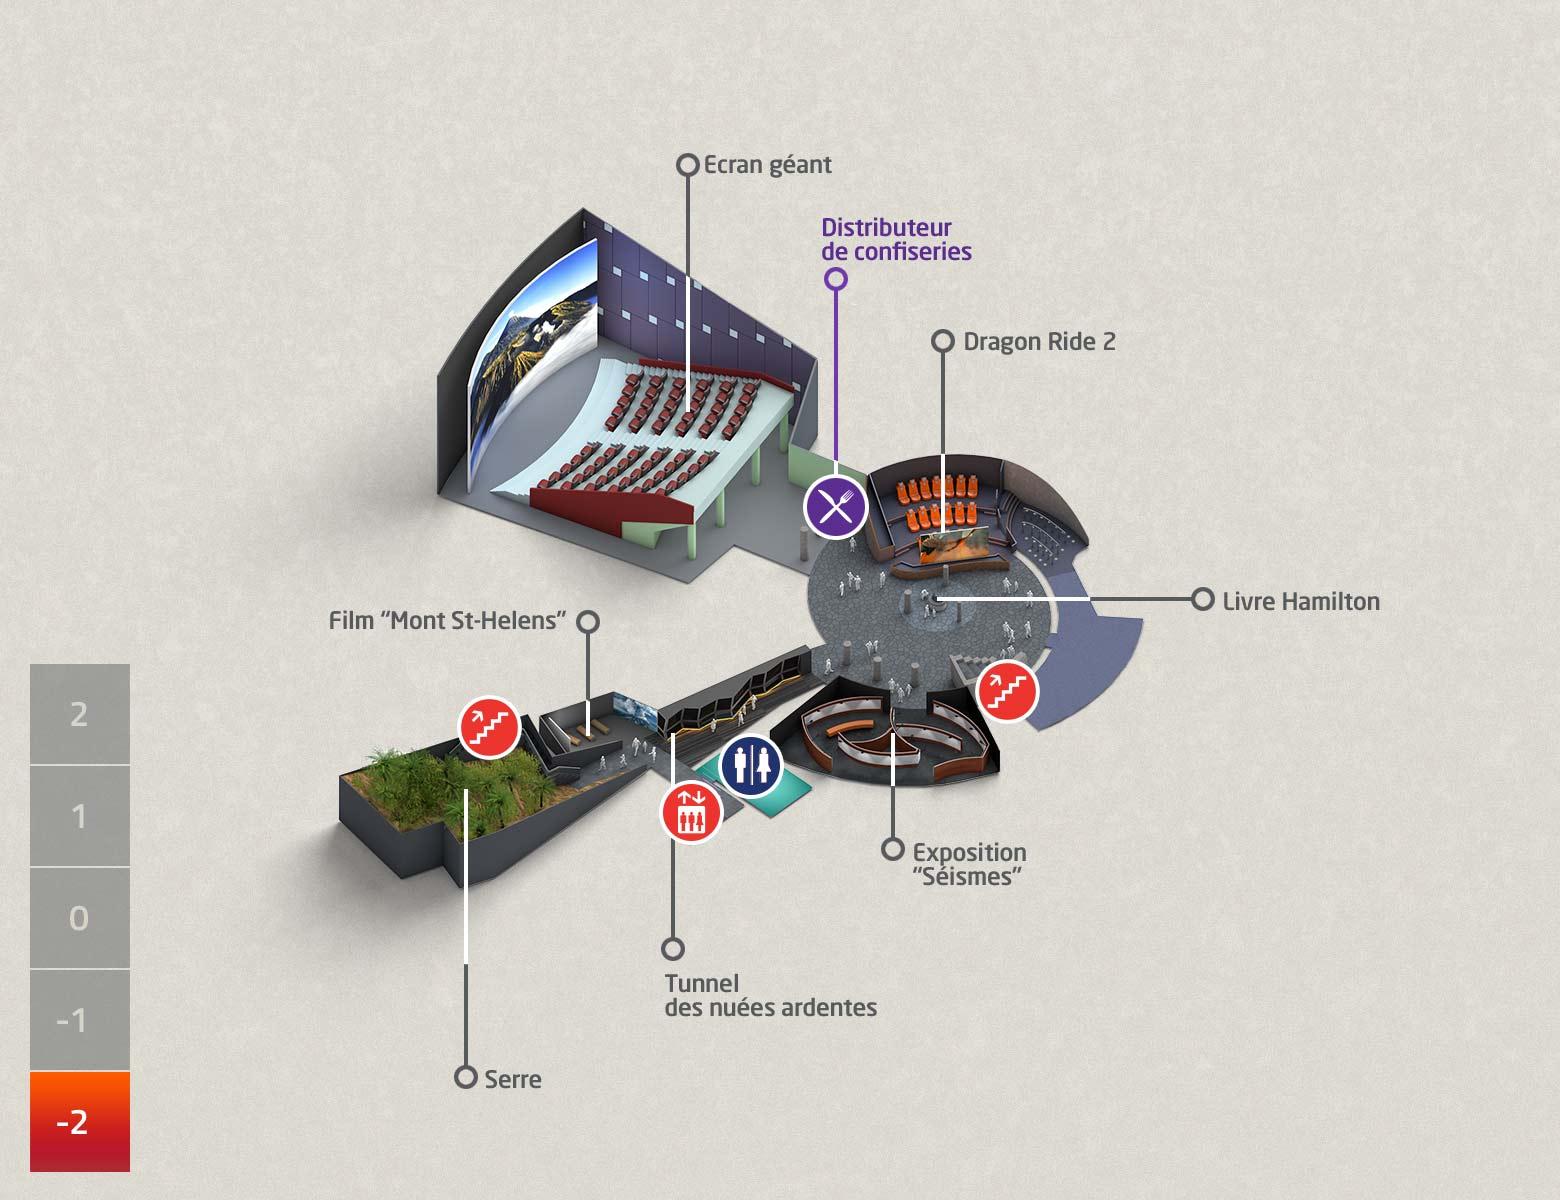 Plan niveau-2 des animations et services du parc d'exploration Vulcania